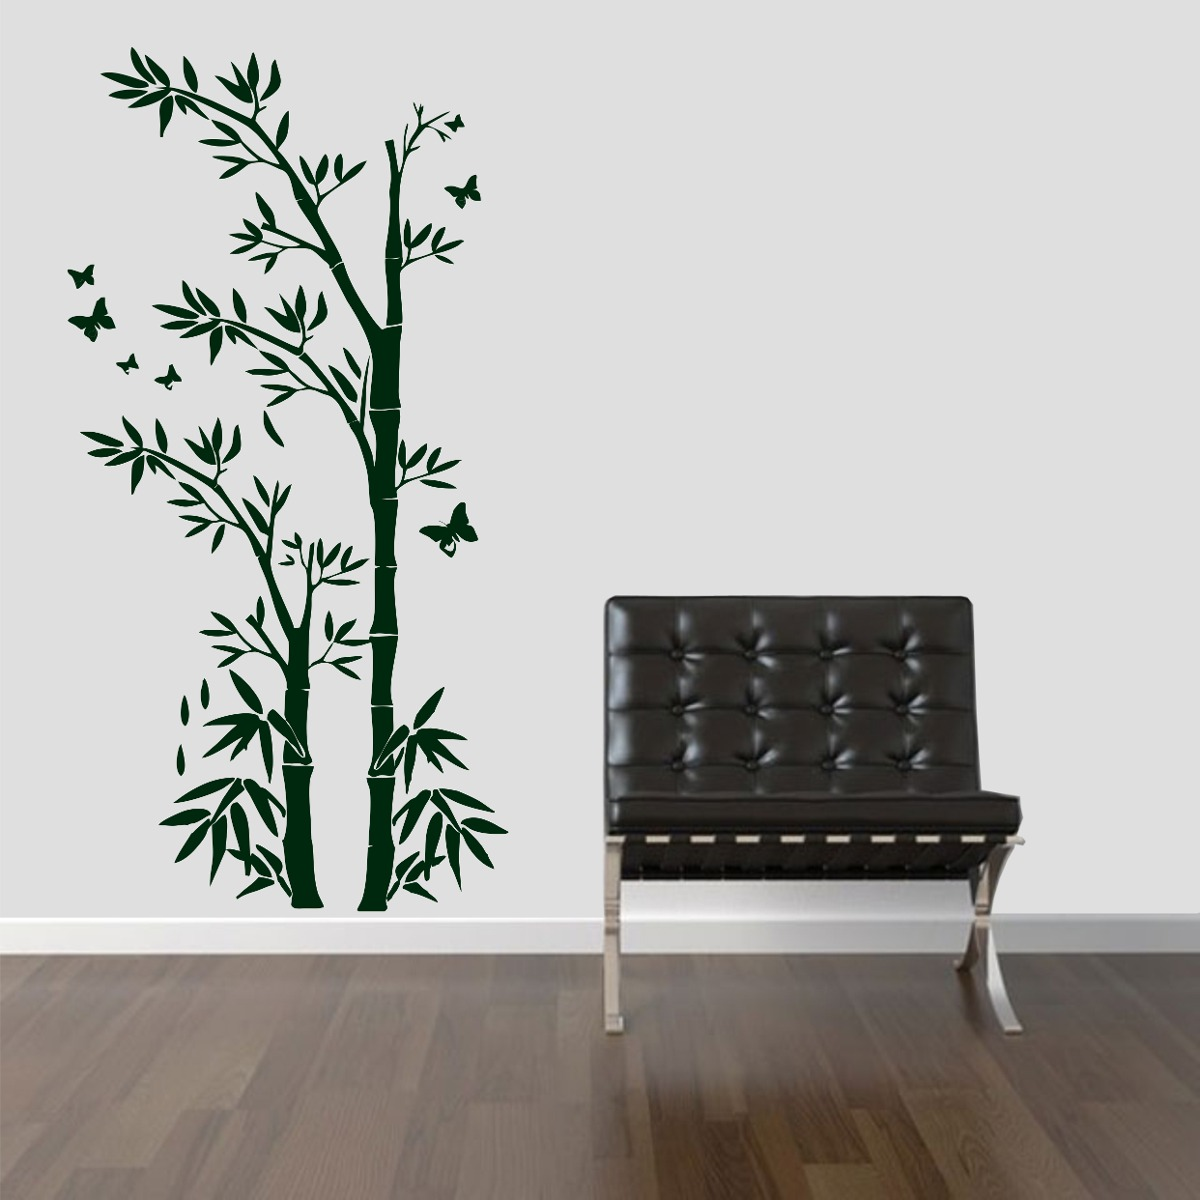 Adesivo De Mesversario ~ Adesivo Decorativo Parede Floral Bambu Galhos Borboleta R$ 39,99 em Mercado Livre